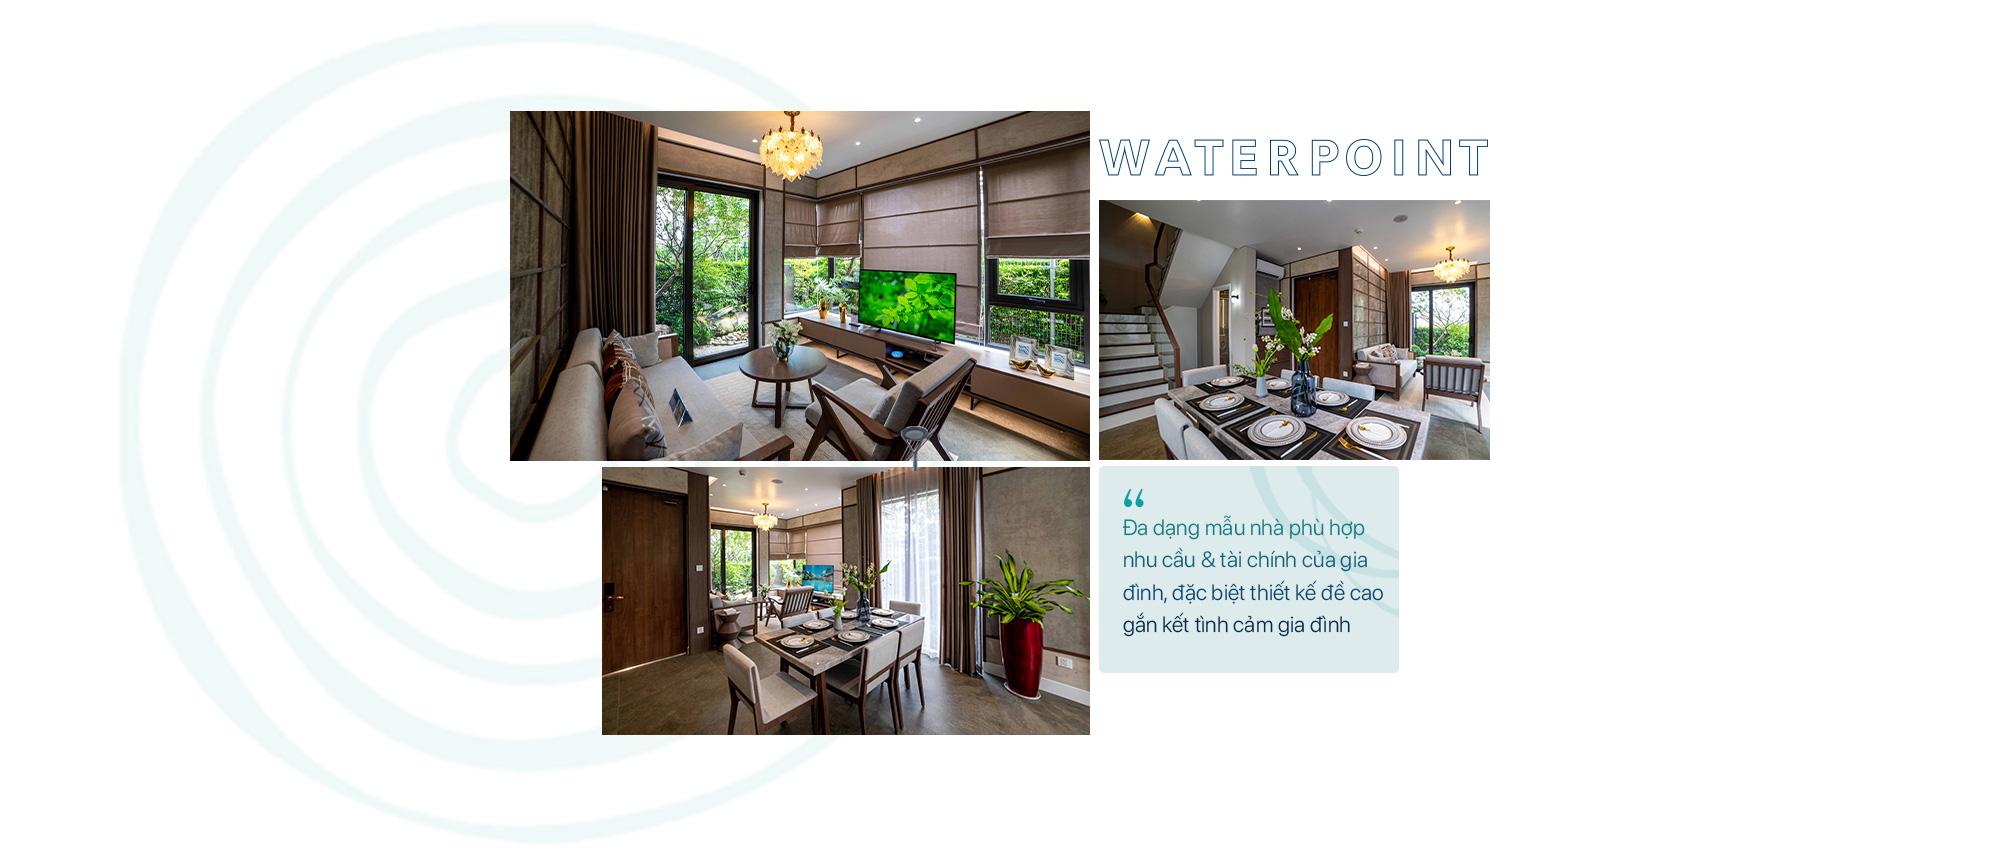 """Waterpoint – Nơi chuẩn mực quốc tế kiến tạo nên bản sắc riêng của """"Thành phố bên sông"""" - Ảnh 7."""